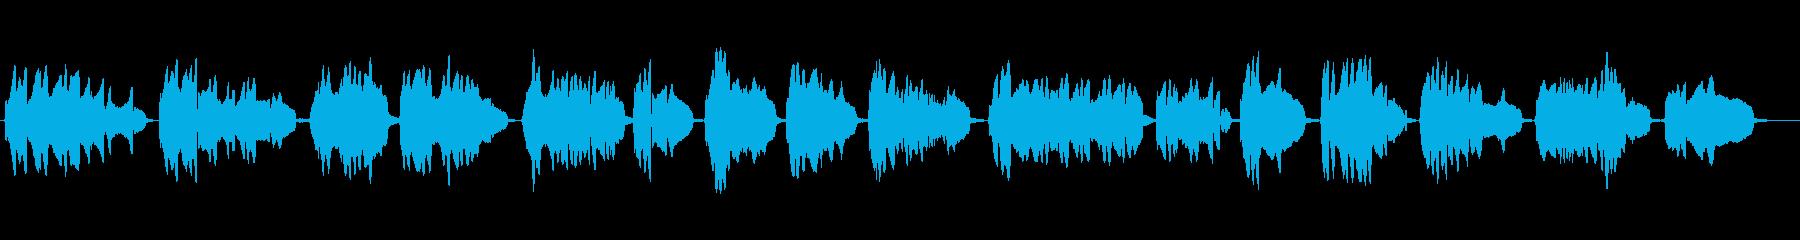 素朴な雰囲気のあるかっこいいメロディーの再生済みの波形